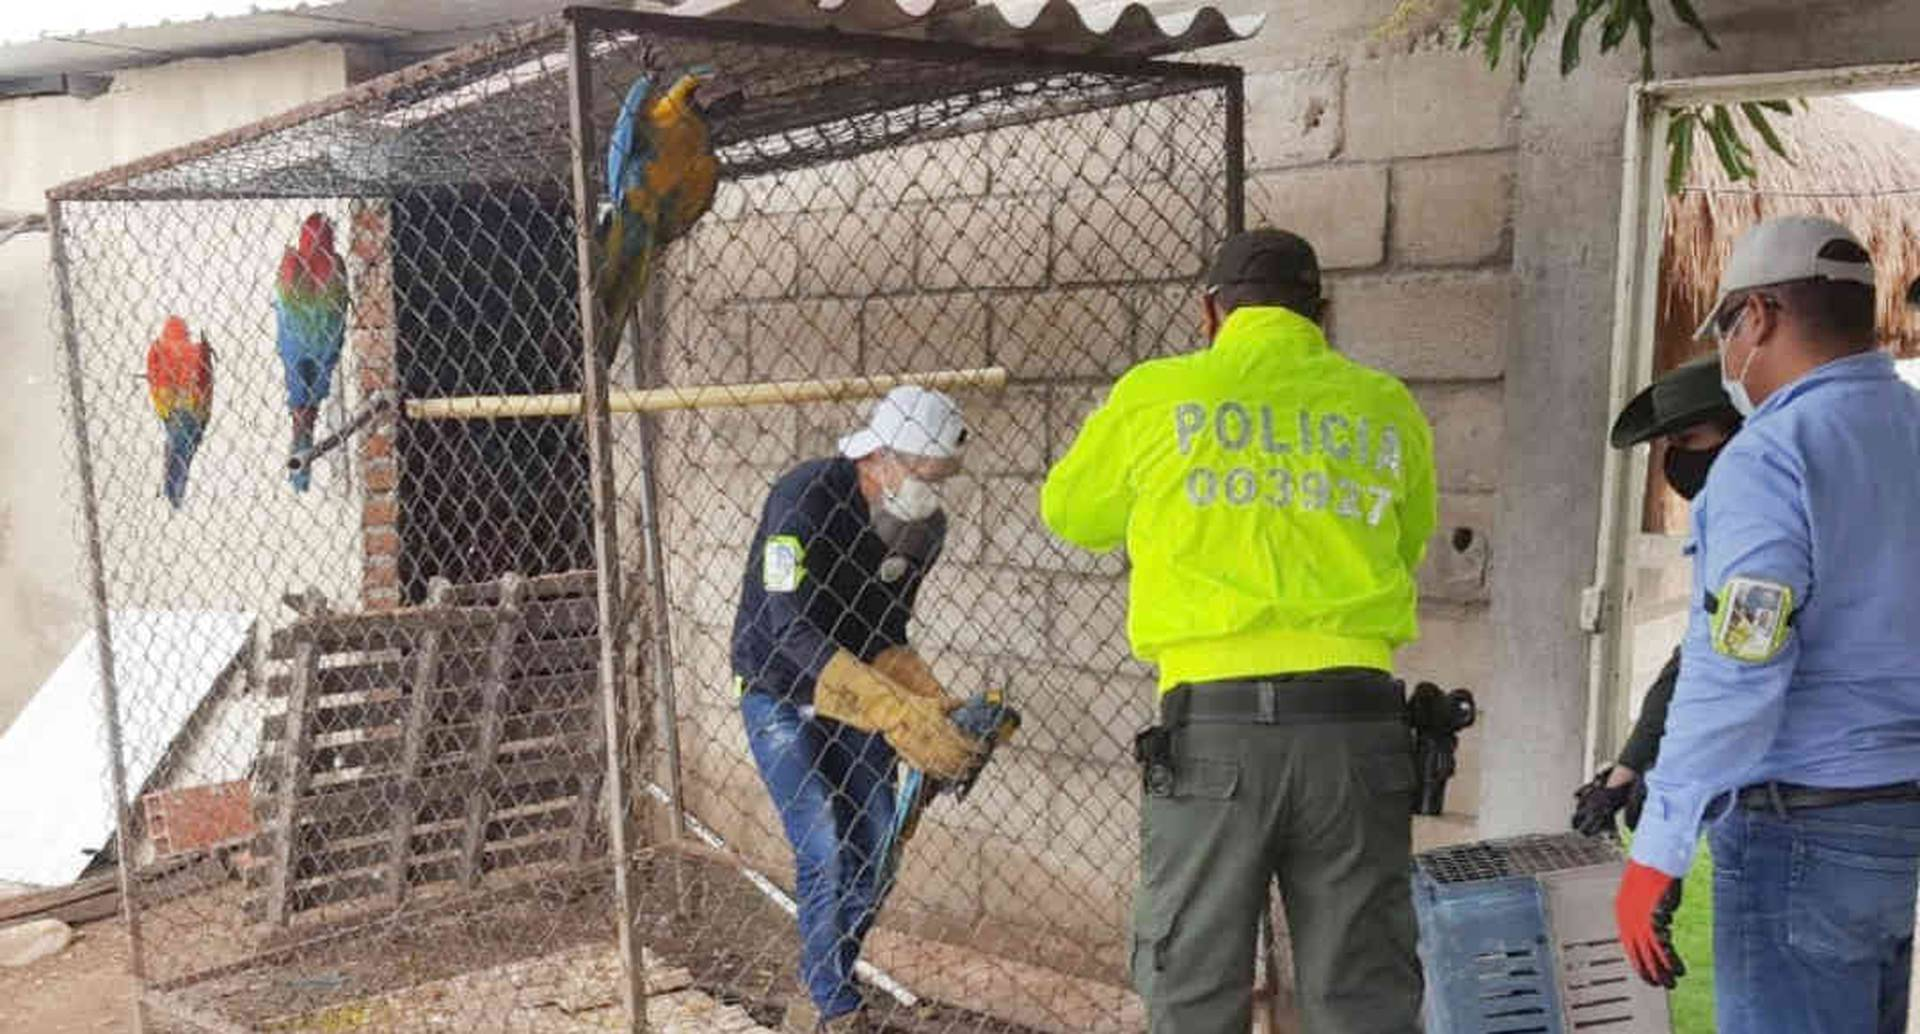 Durante el operativo fueron incautadas 10 guacamayas al interior de una jaula en el corregimiento de El Jabo, en zona rural de Valledupar. Foto:  Corpocesar.